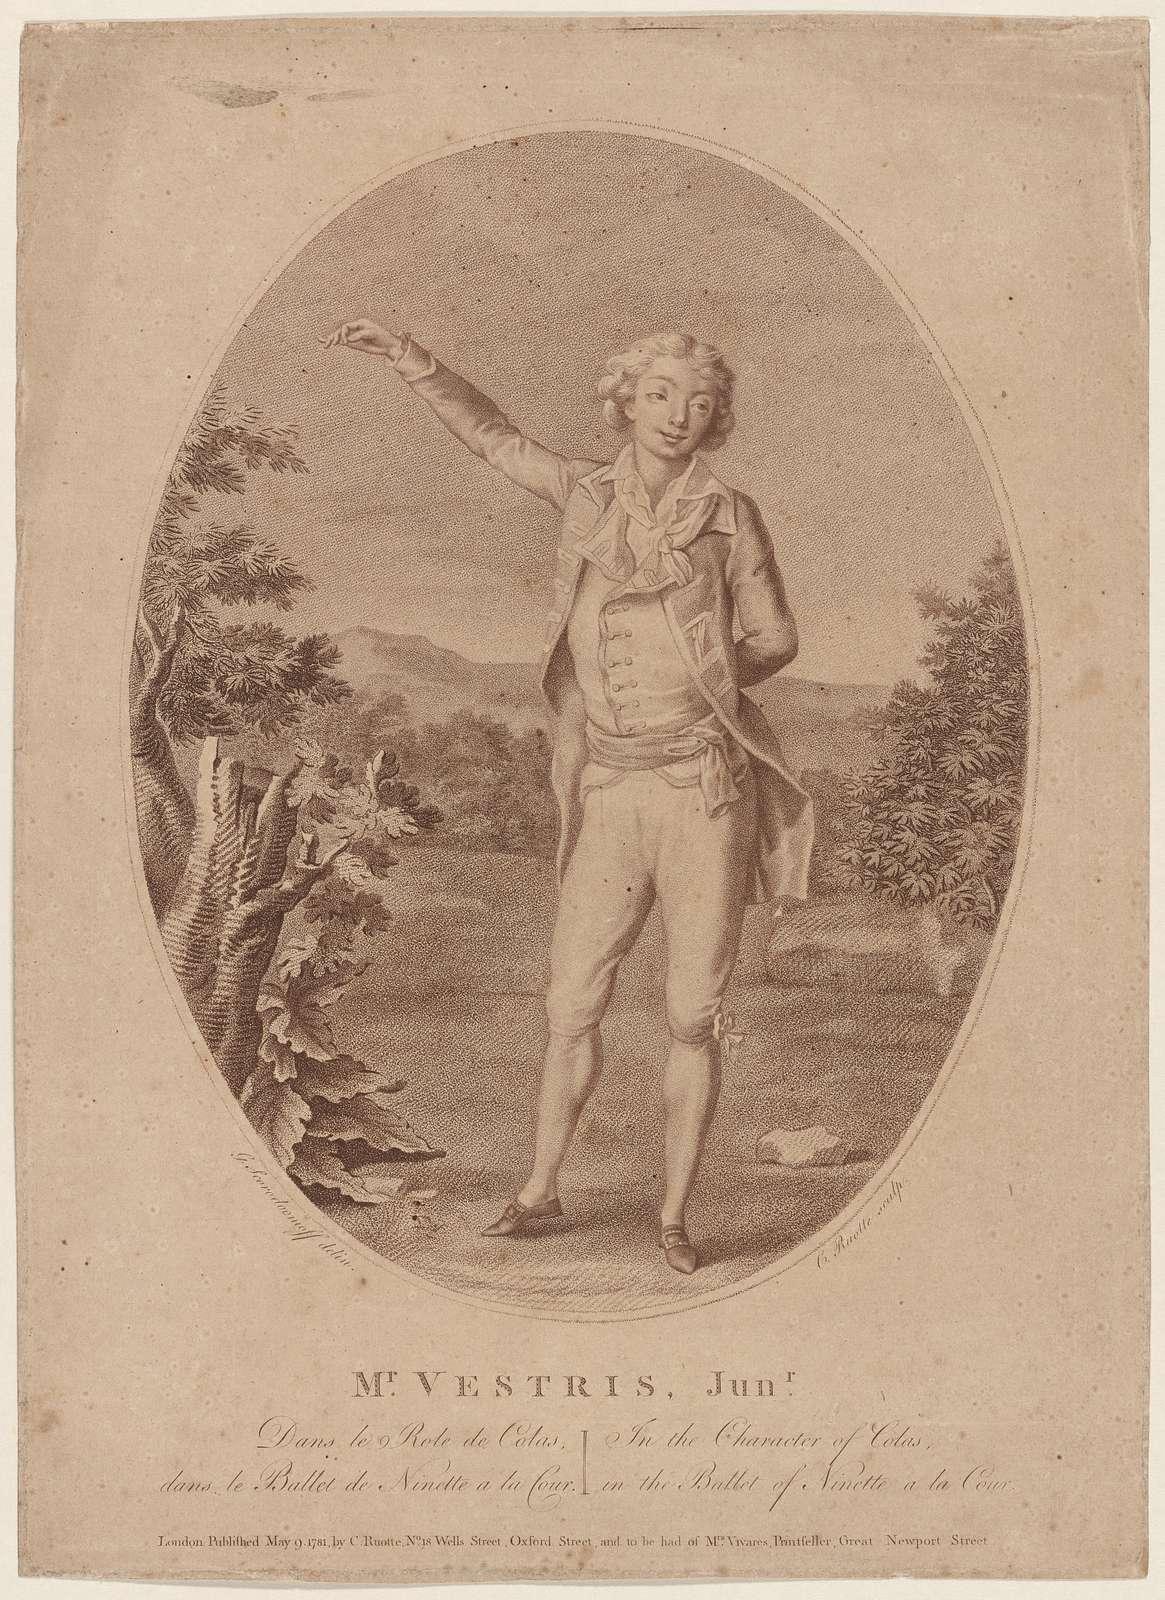 Mr. Vestris, Junr. dans le role de Colas dans le ballet de Ninette a la cour: in the character of Colas, in the ballet of Ninette a la cour